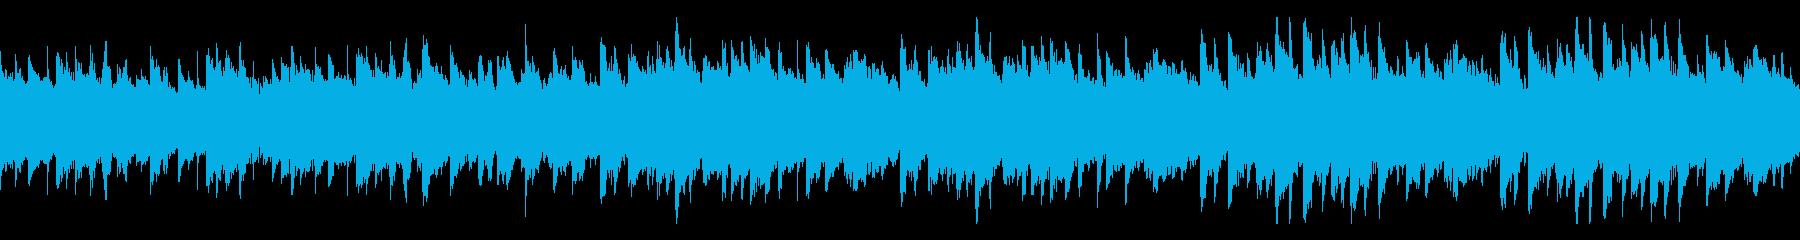 美しいく明るいメロディのピアノ 曲ループの再生済みの波形